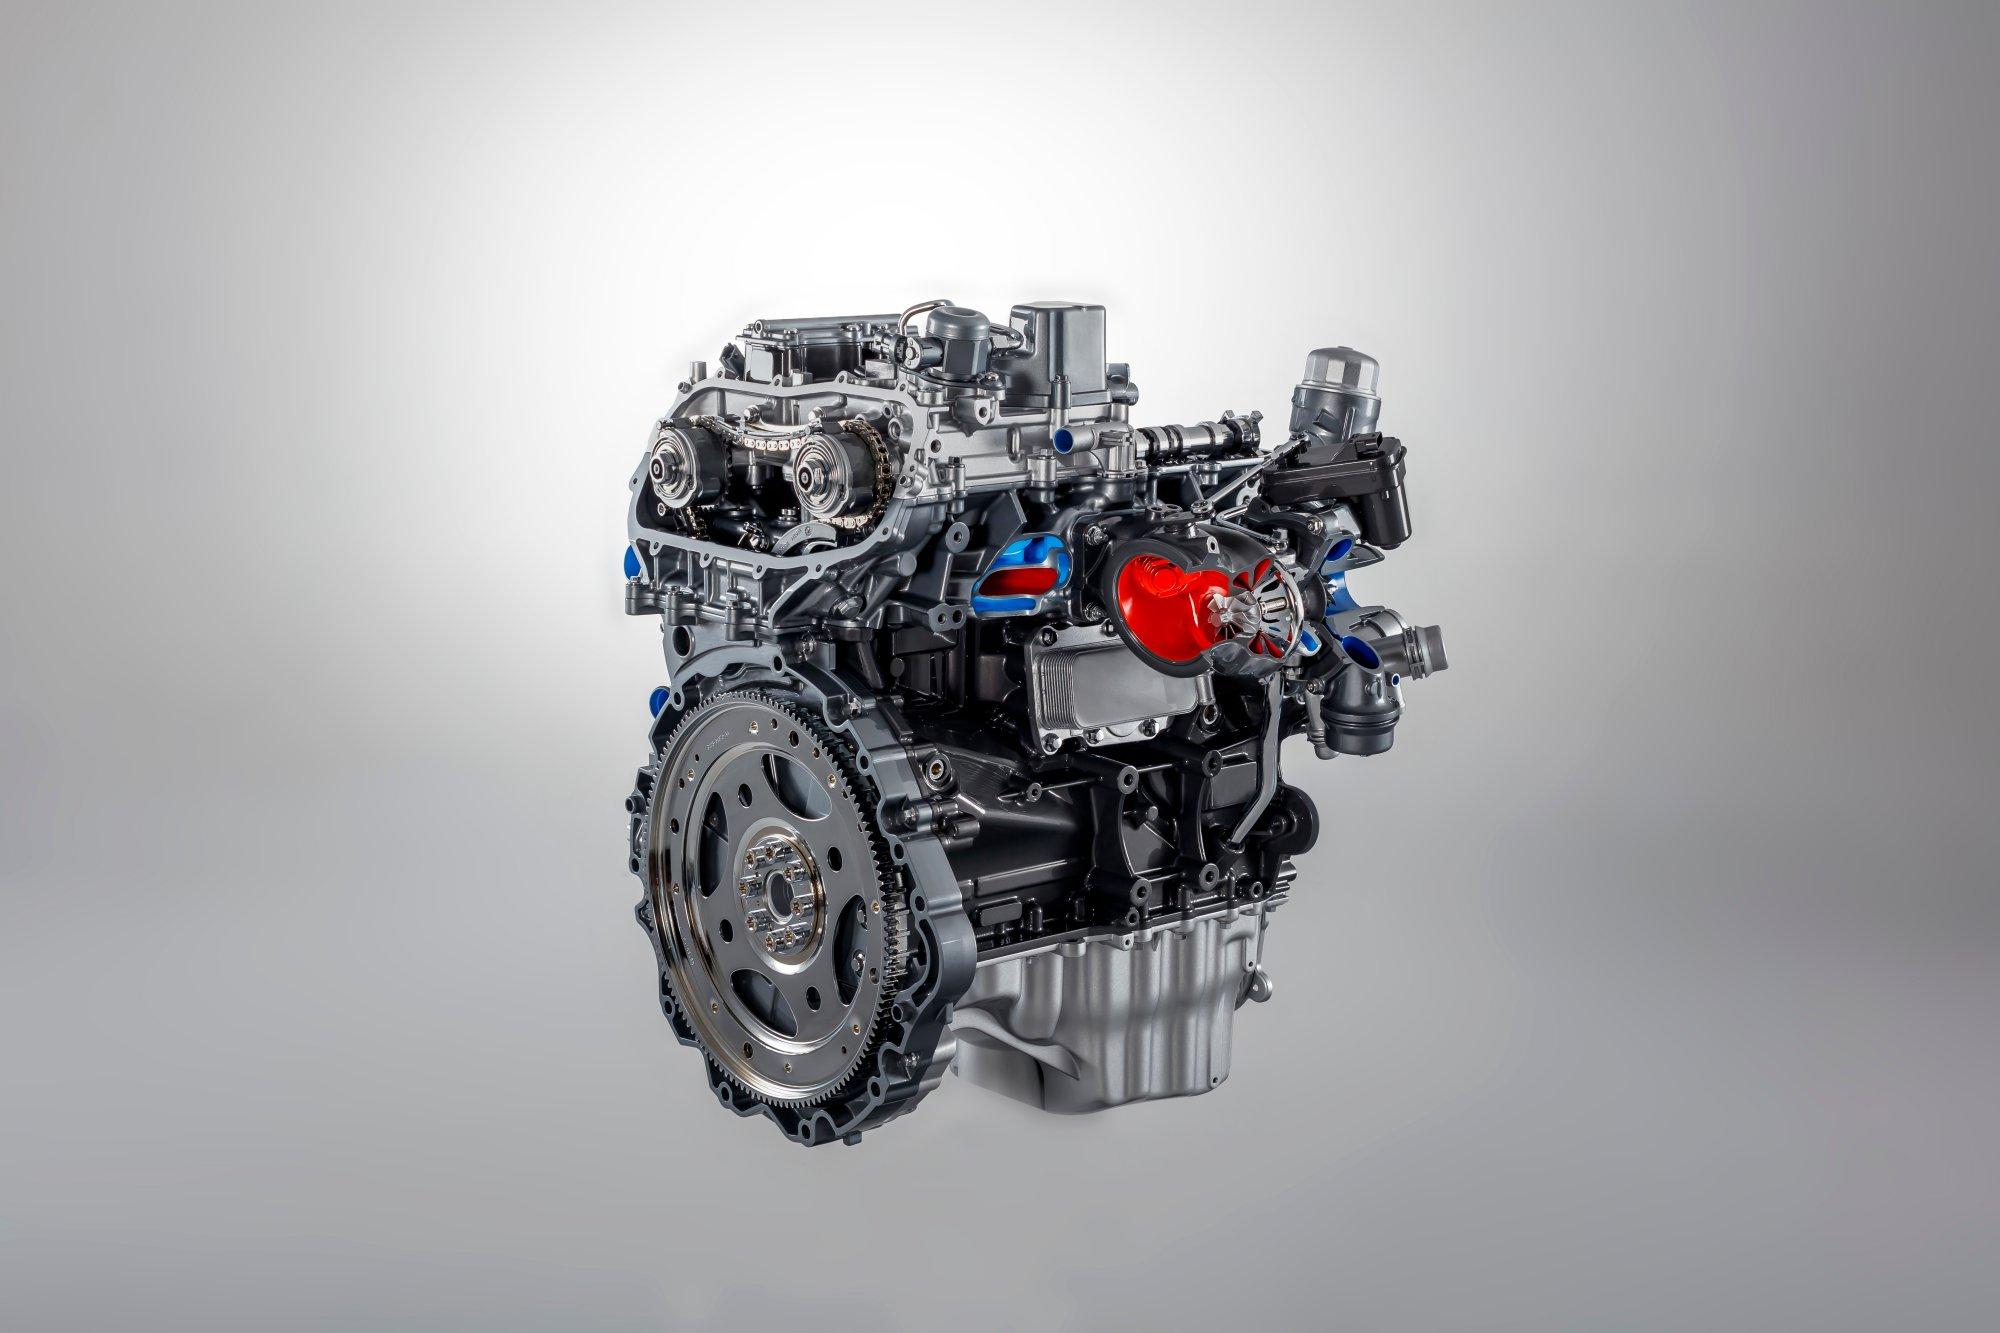 Jaguar-300-hp-2-liter-Ingenium-turbo-gas